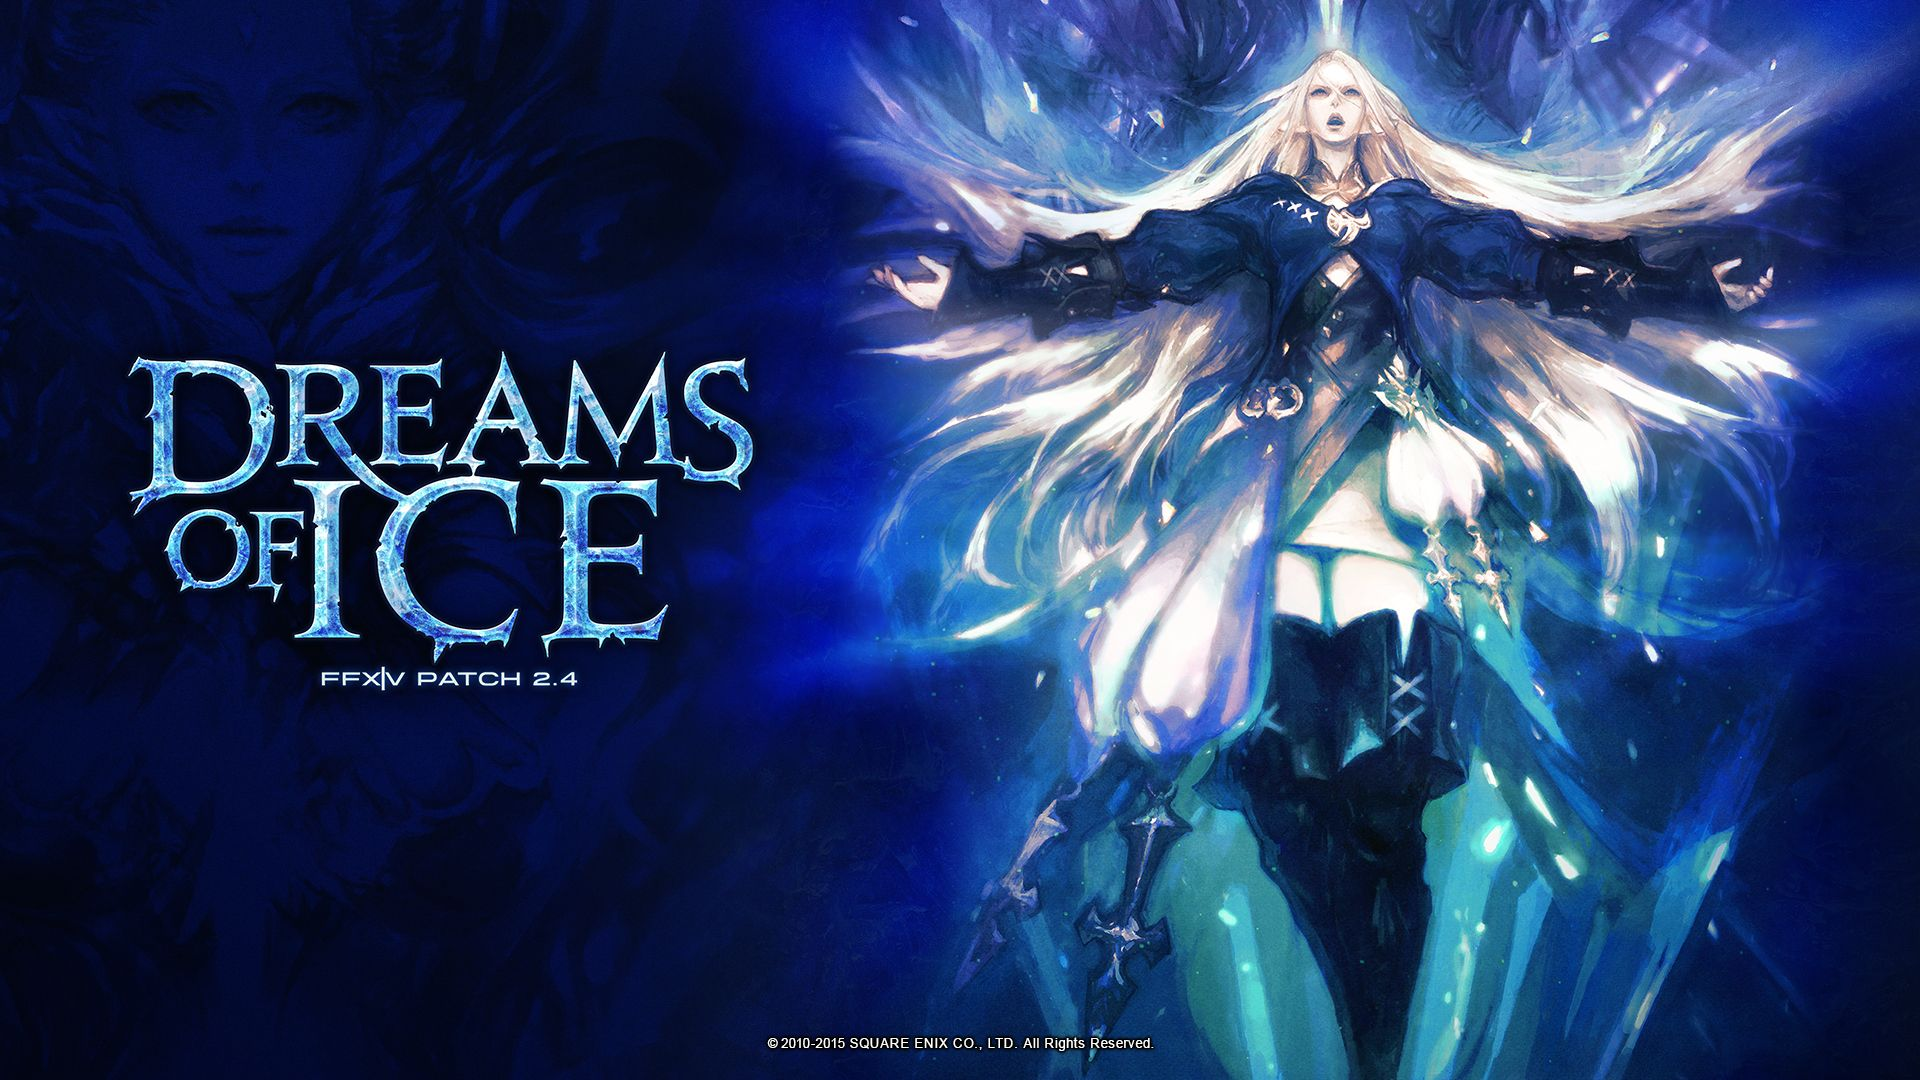 Dreams Of Ice Patch 1 3 Final Fantasy Xiv Final Fantasy Fantasy